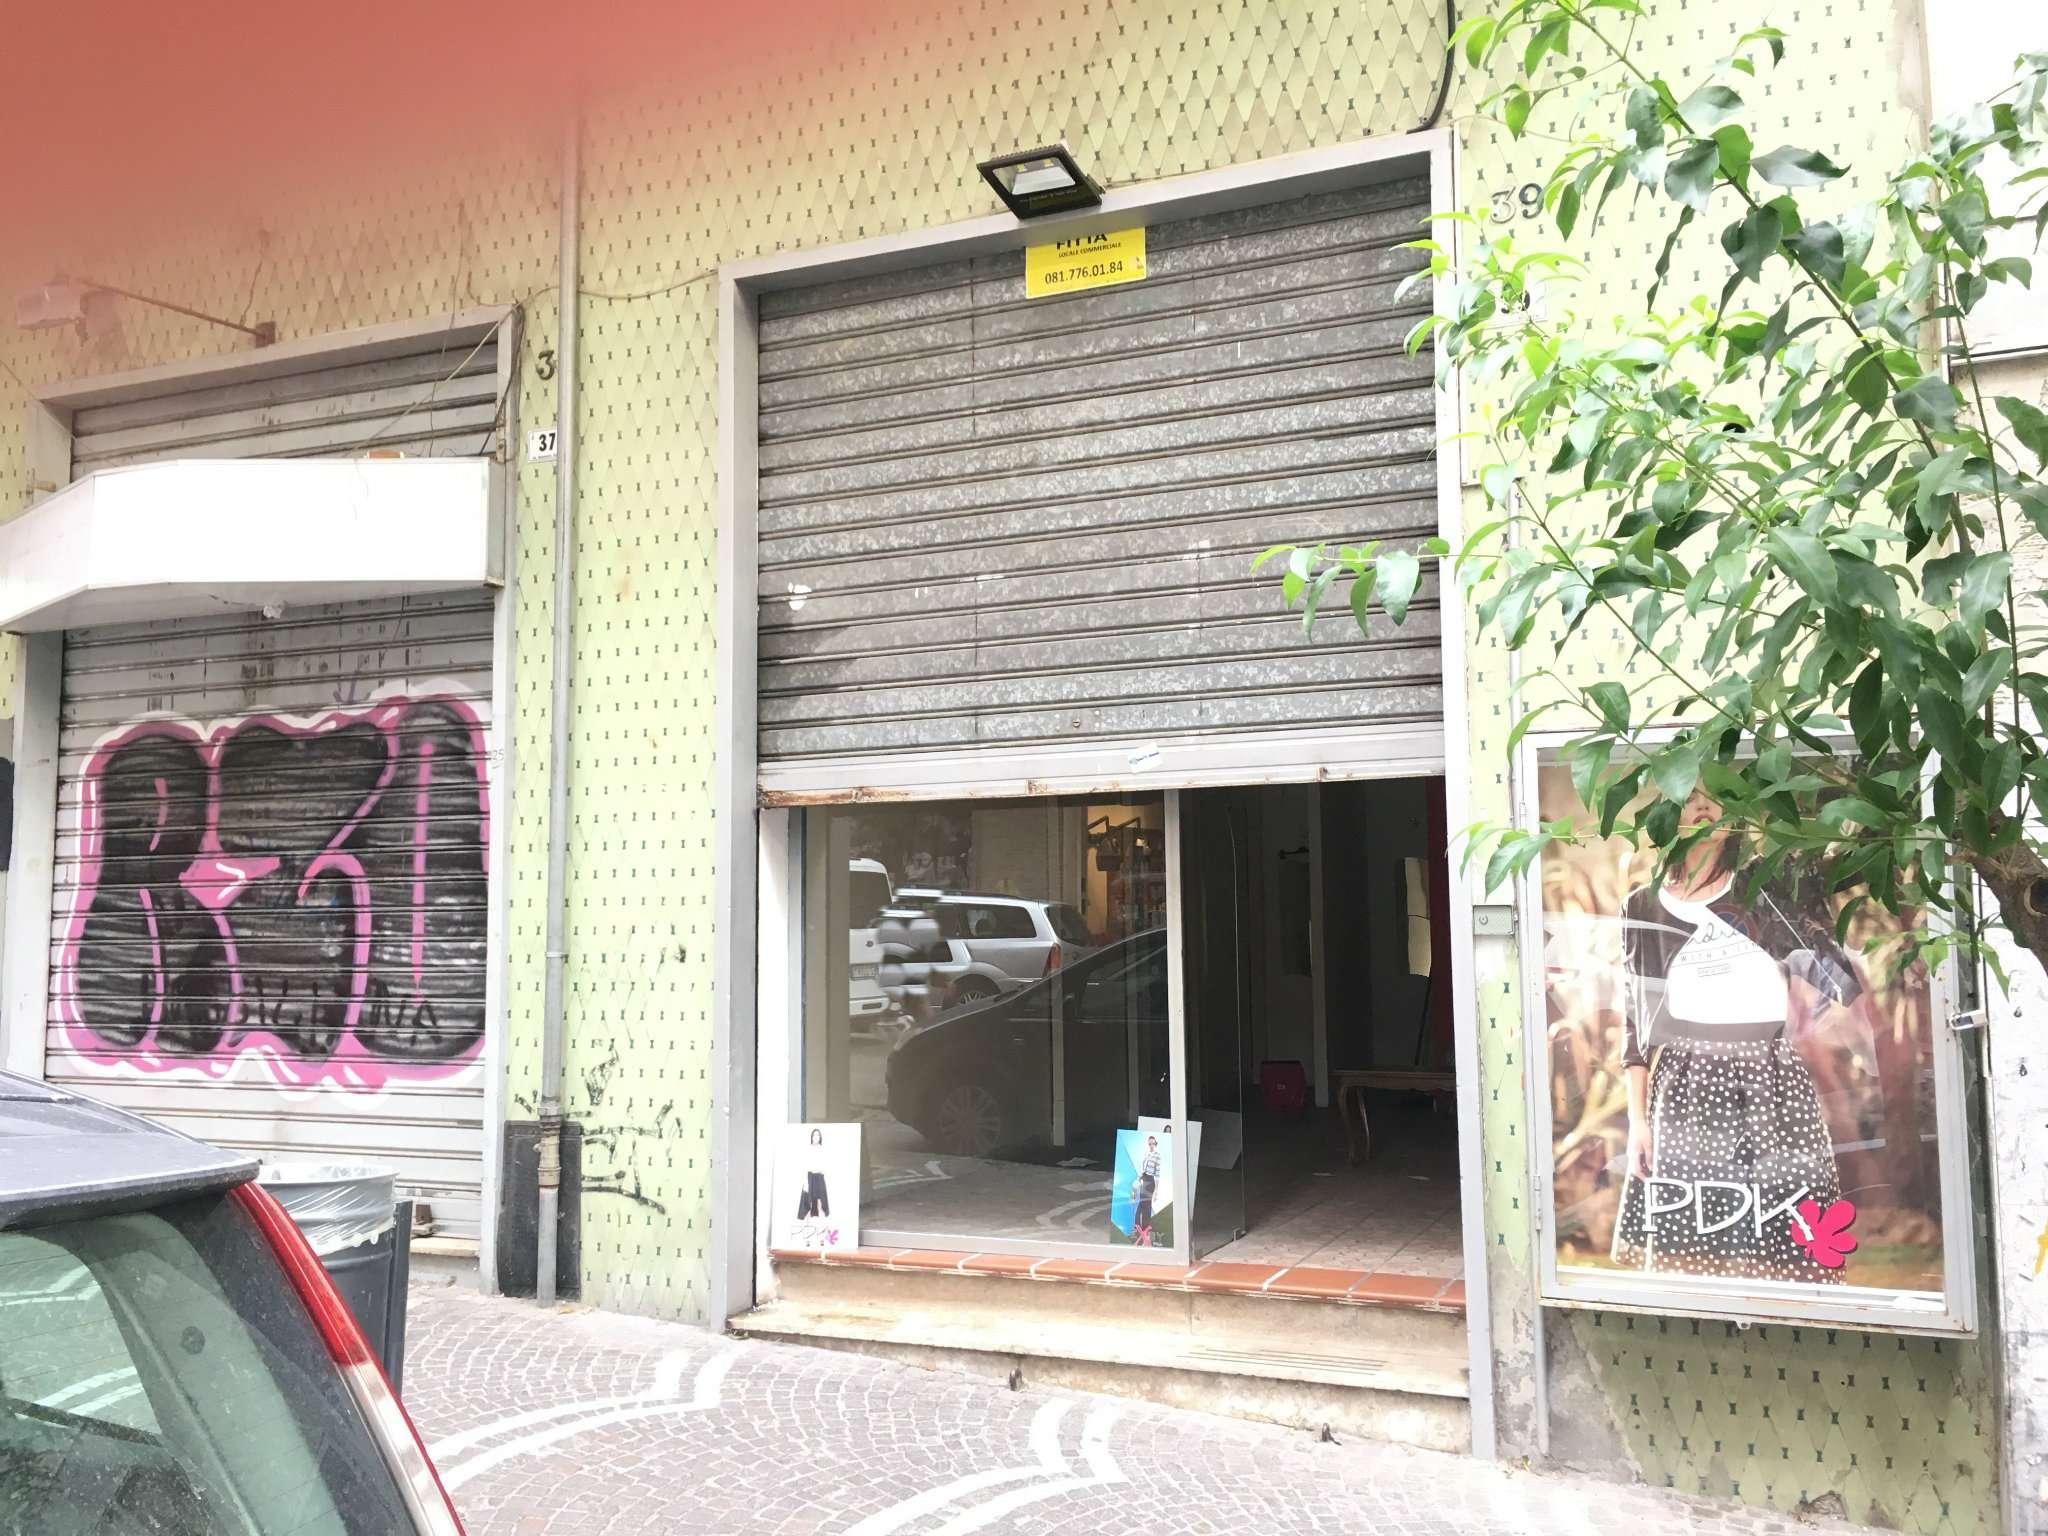 Negozio / Locale in affitto a Portici, 1 locali, prezzo € 700 | CambioCasa.it